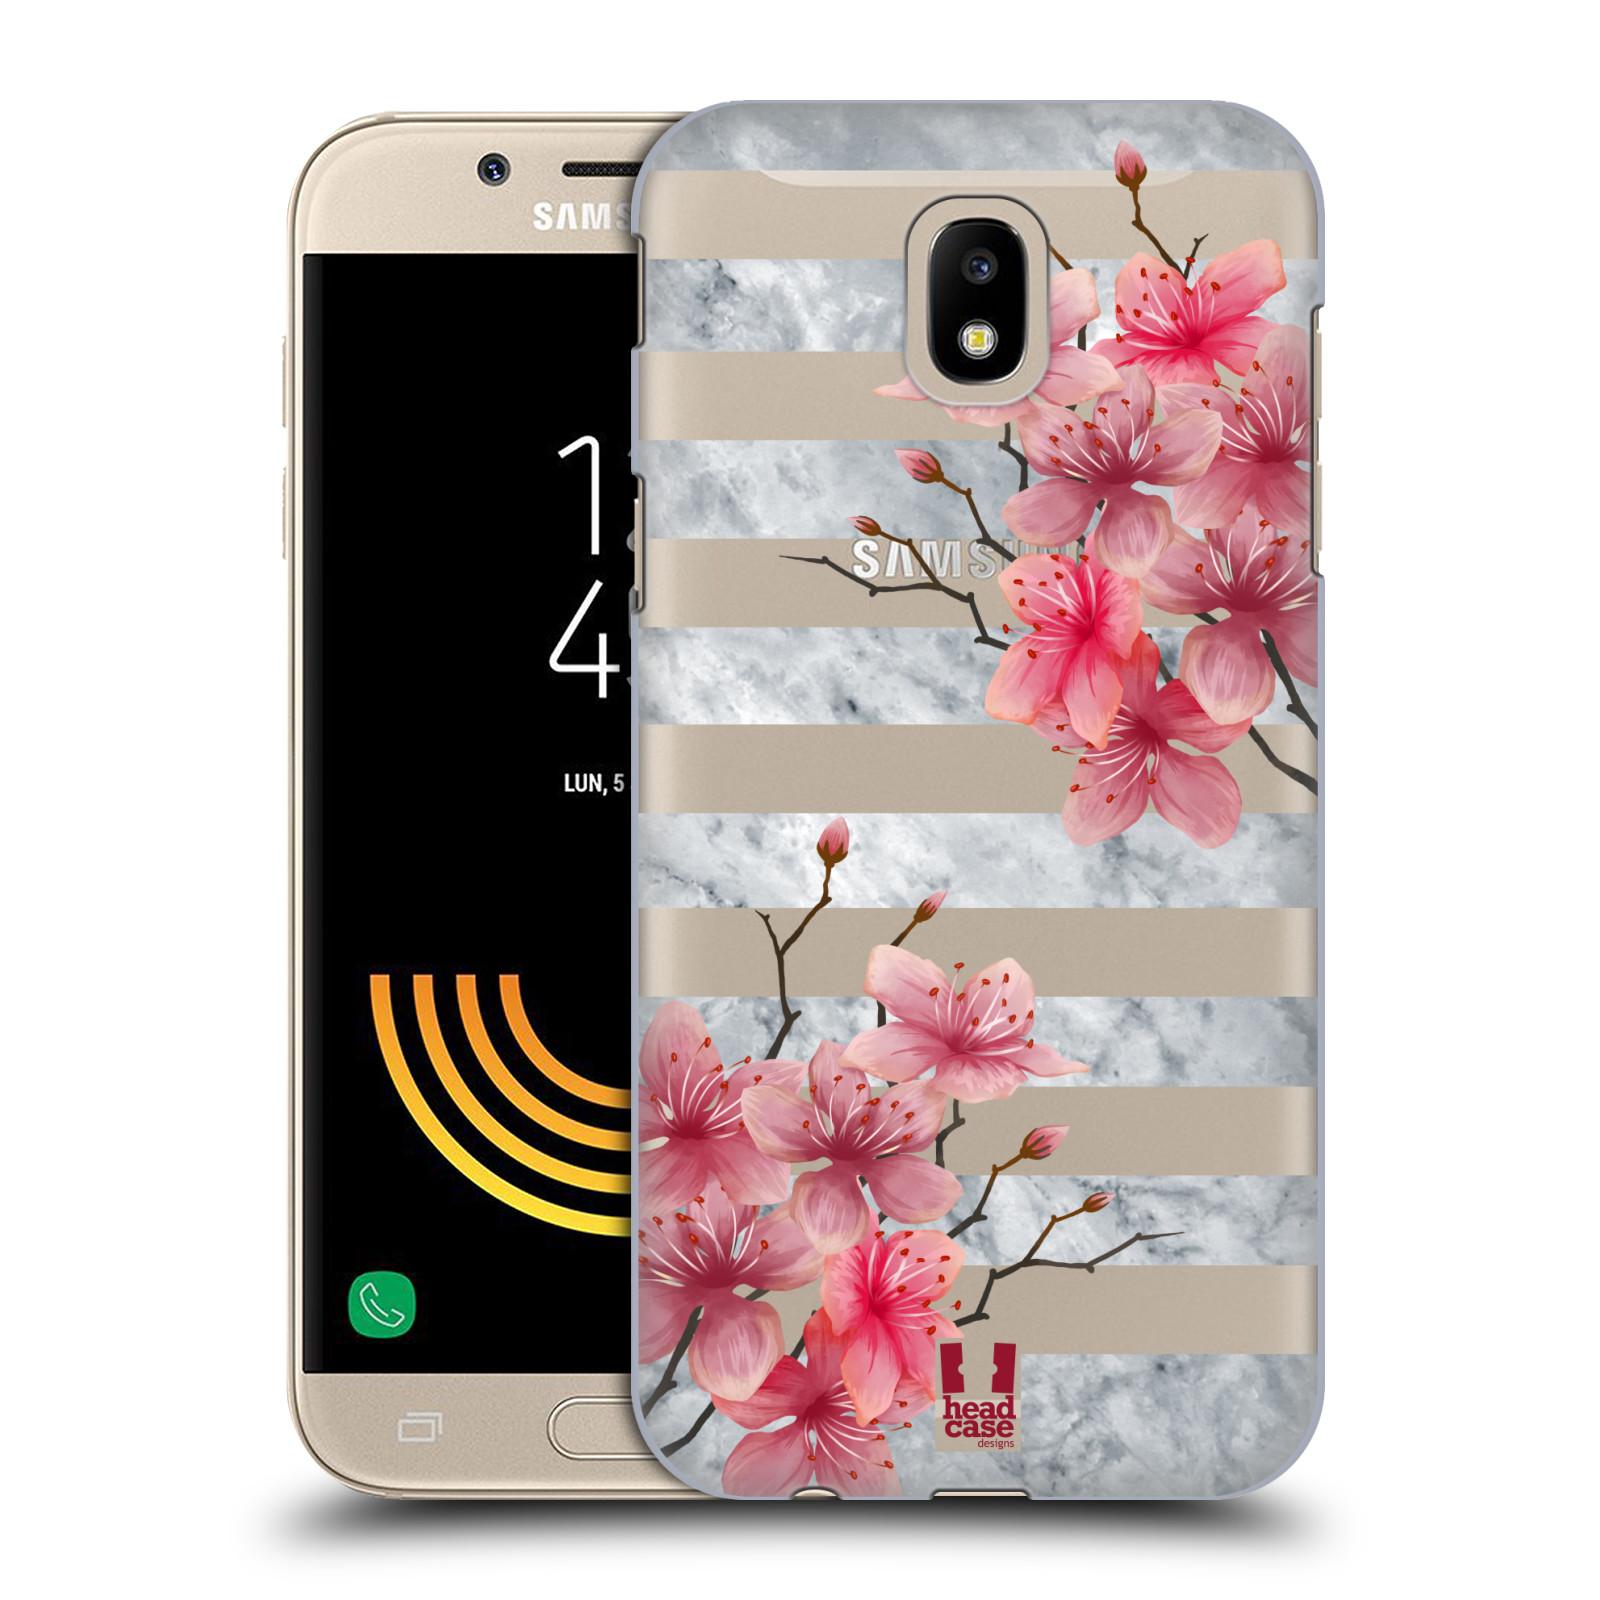 Plastové pouzdro na mobil Samsung Galaxy J5 (2017) - Head Case - Kvítka a mramor